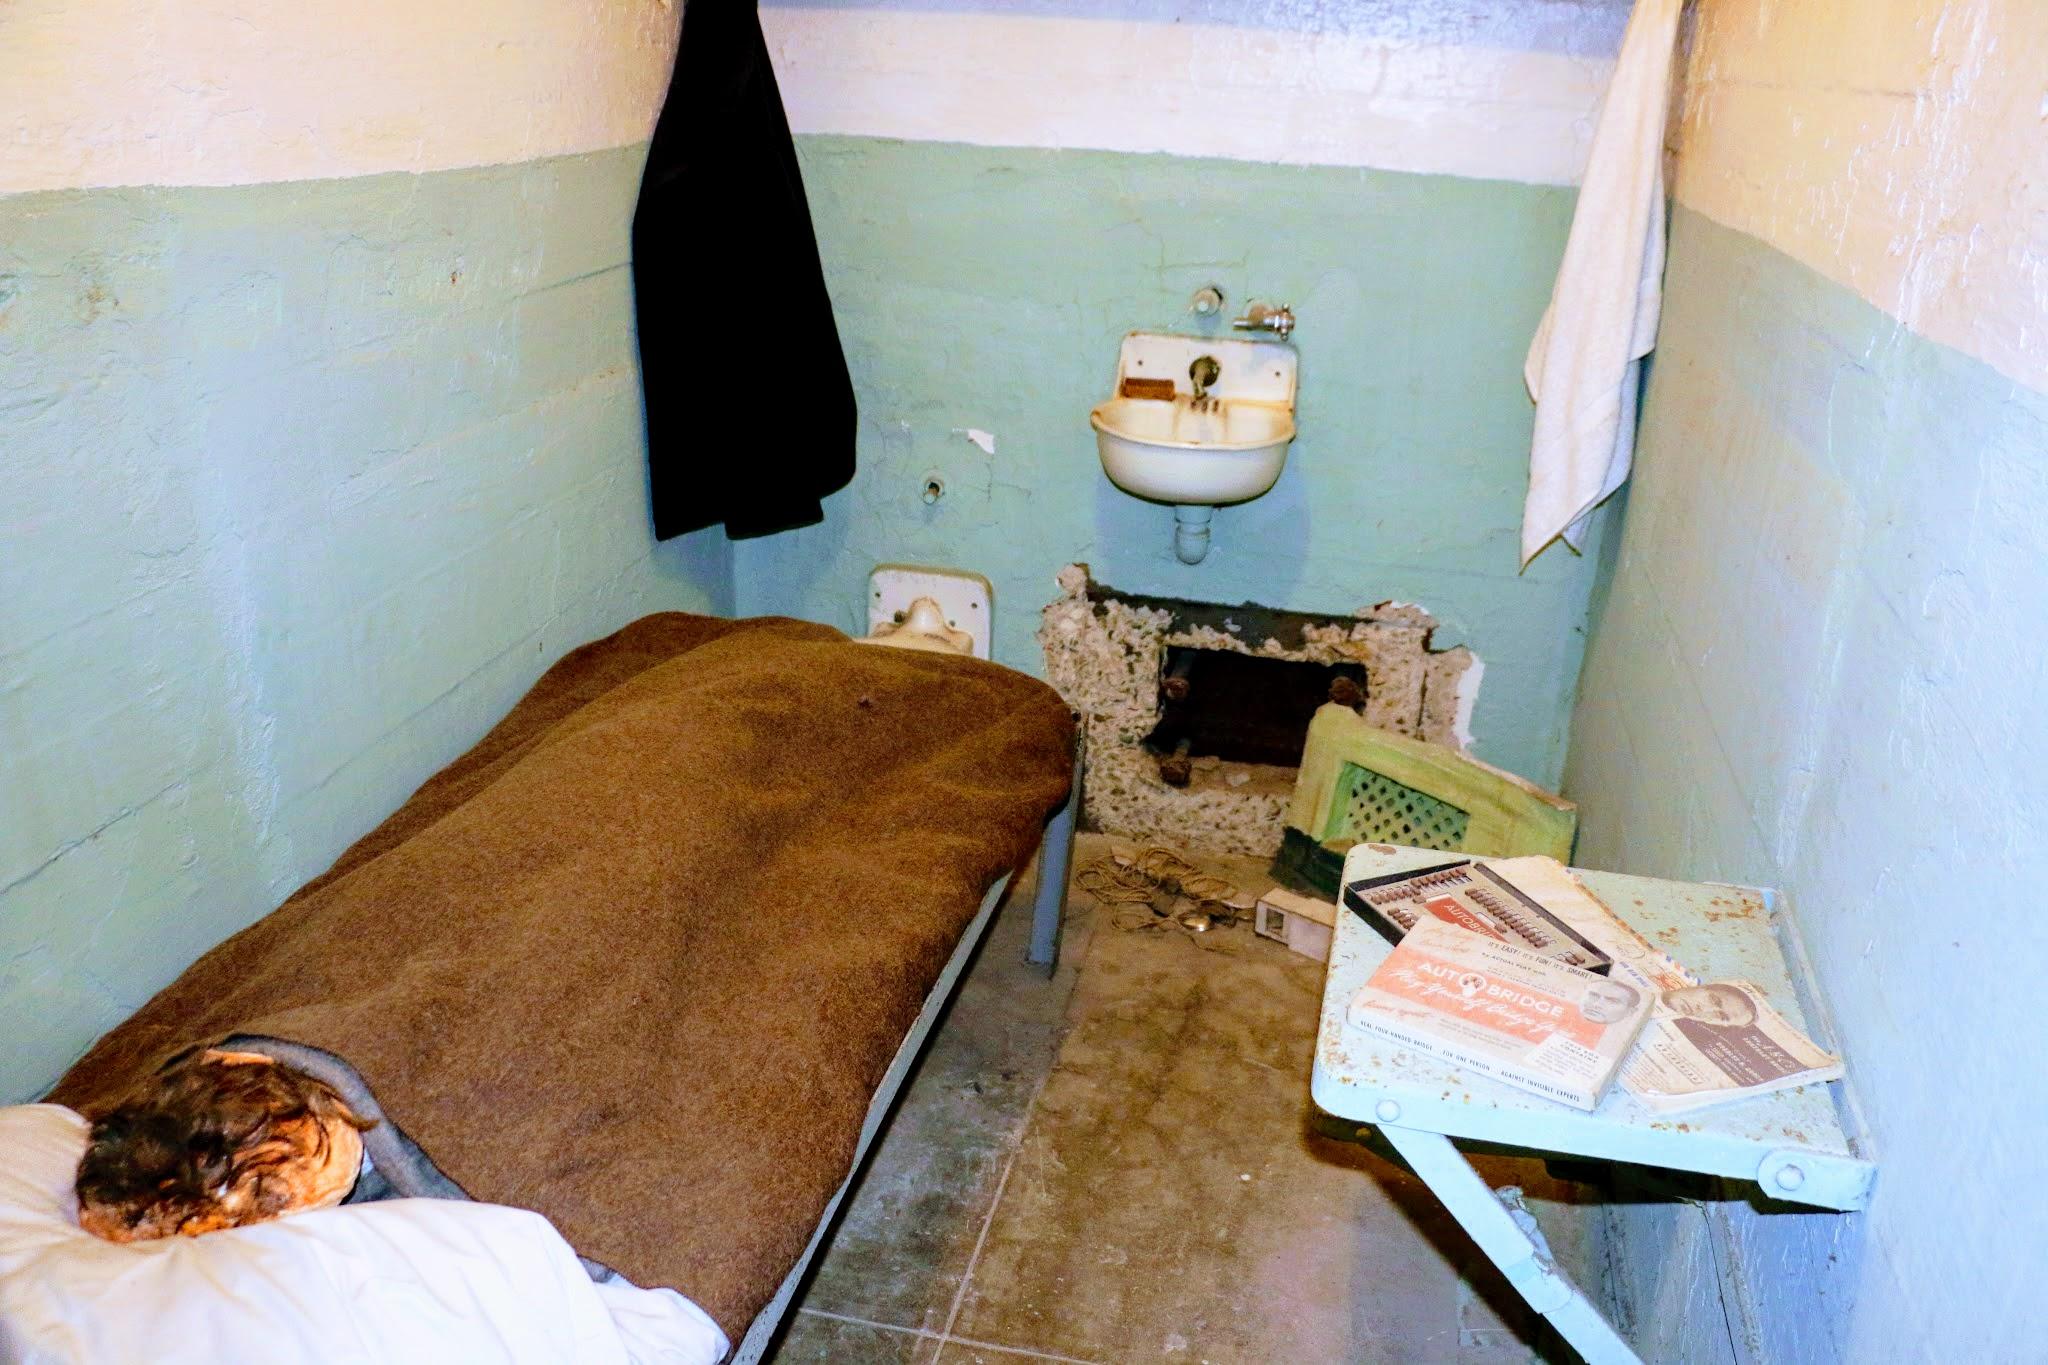 Cel met ontsnapping Alcatraz gevangenis